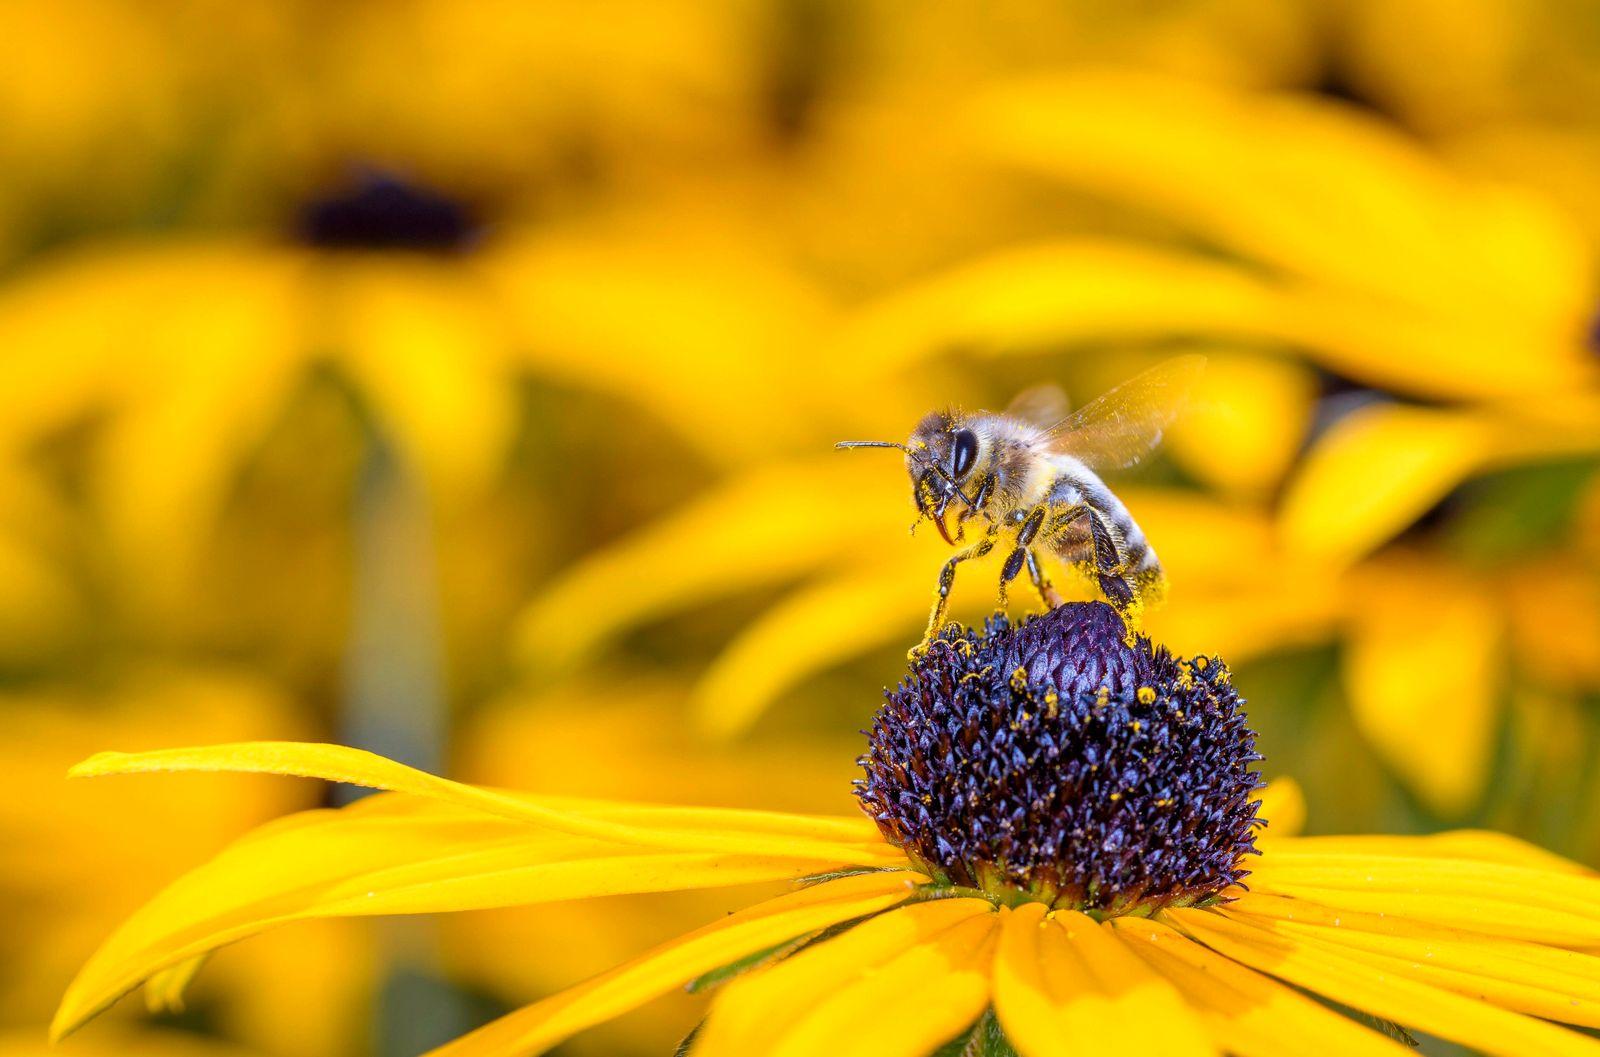 Biene - Apis mellifera - bestäubt eine Blüte des gewöhnliches Sonnenhuts - Rudbeckia fulgida *** Bee Apis mellifera poll